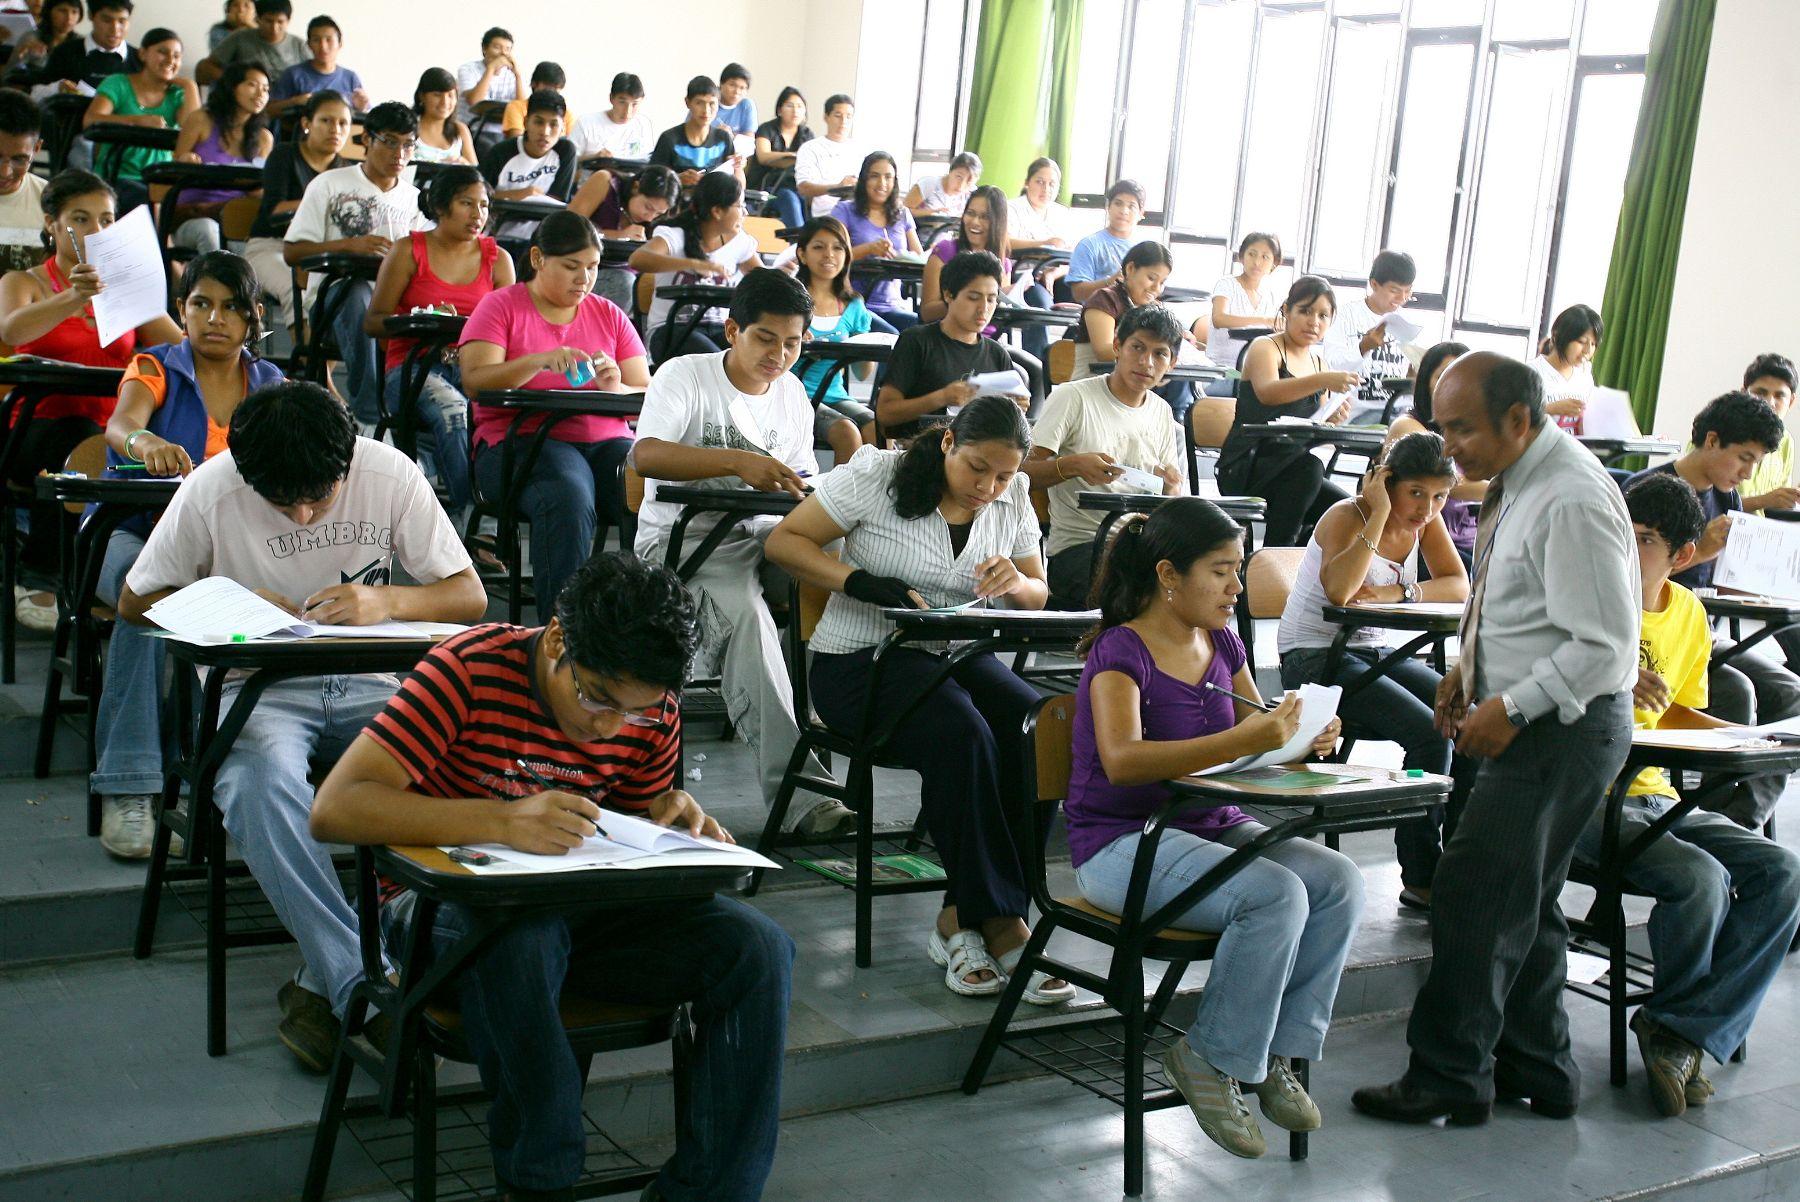 Universidad Nacional Mayor de San Marcos concentra el mayor número de  estudiantes. Foto  ANDINA cd8593783dbe7